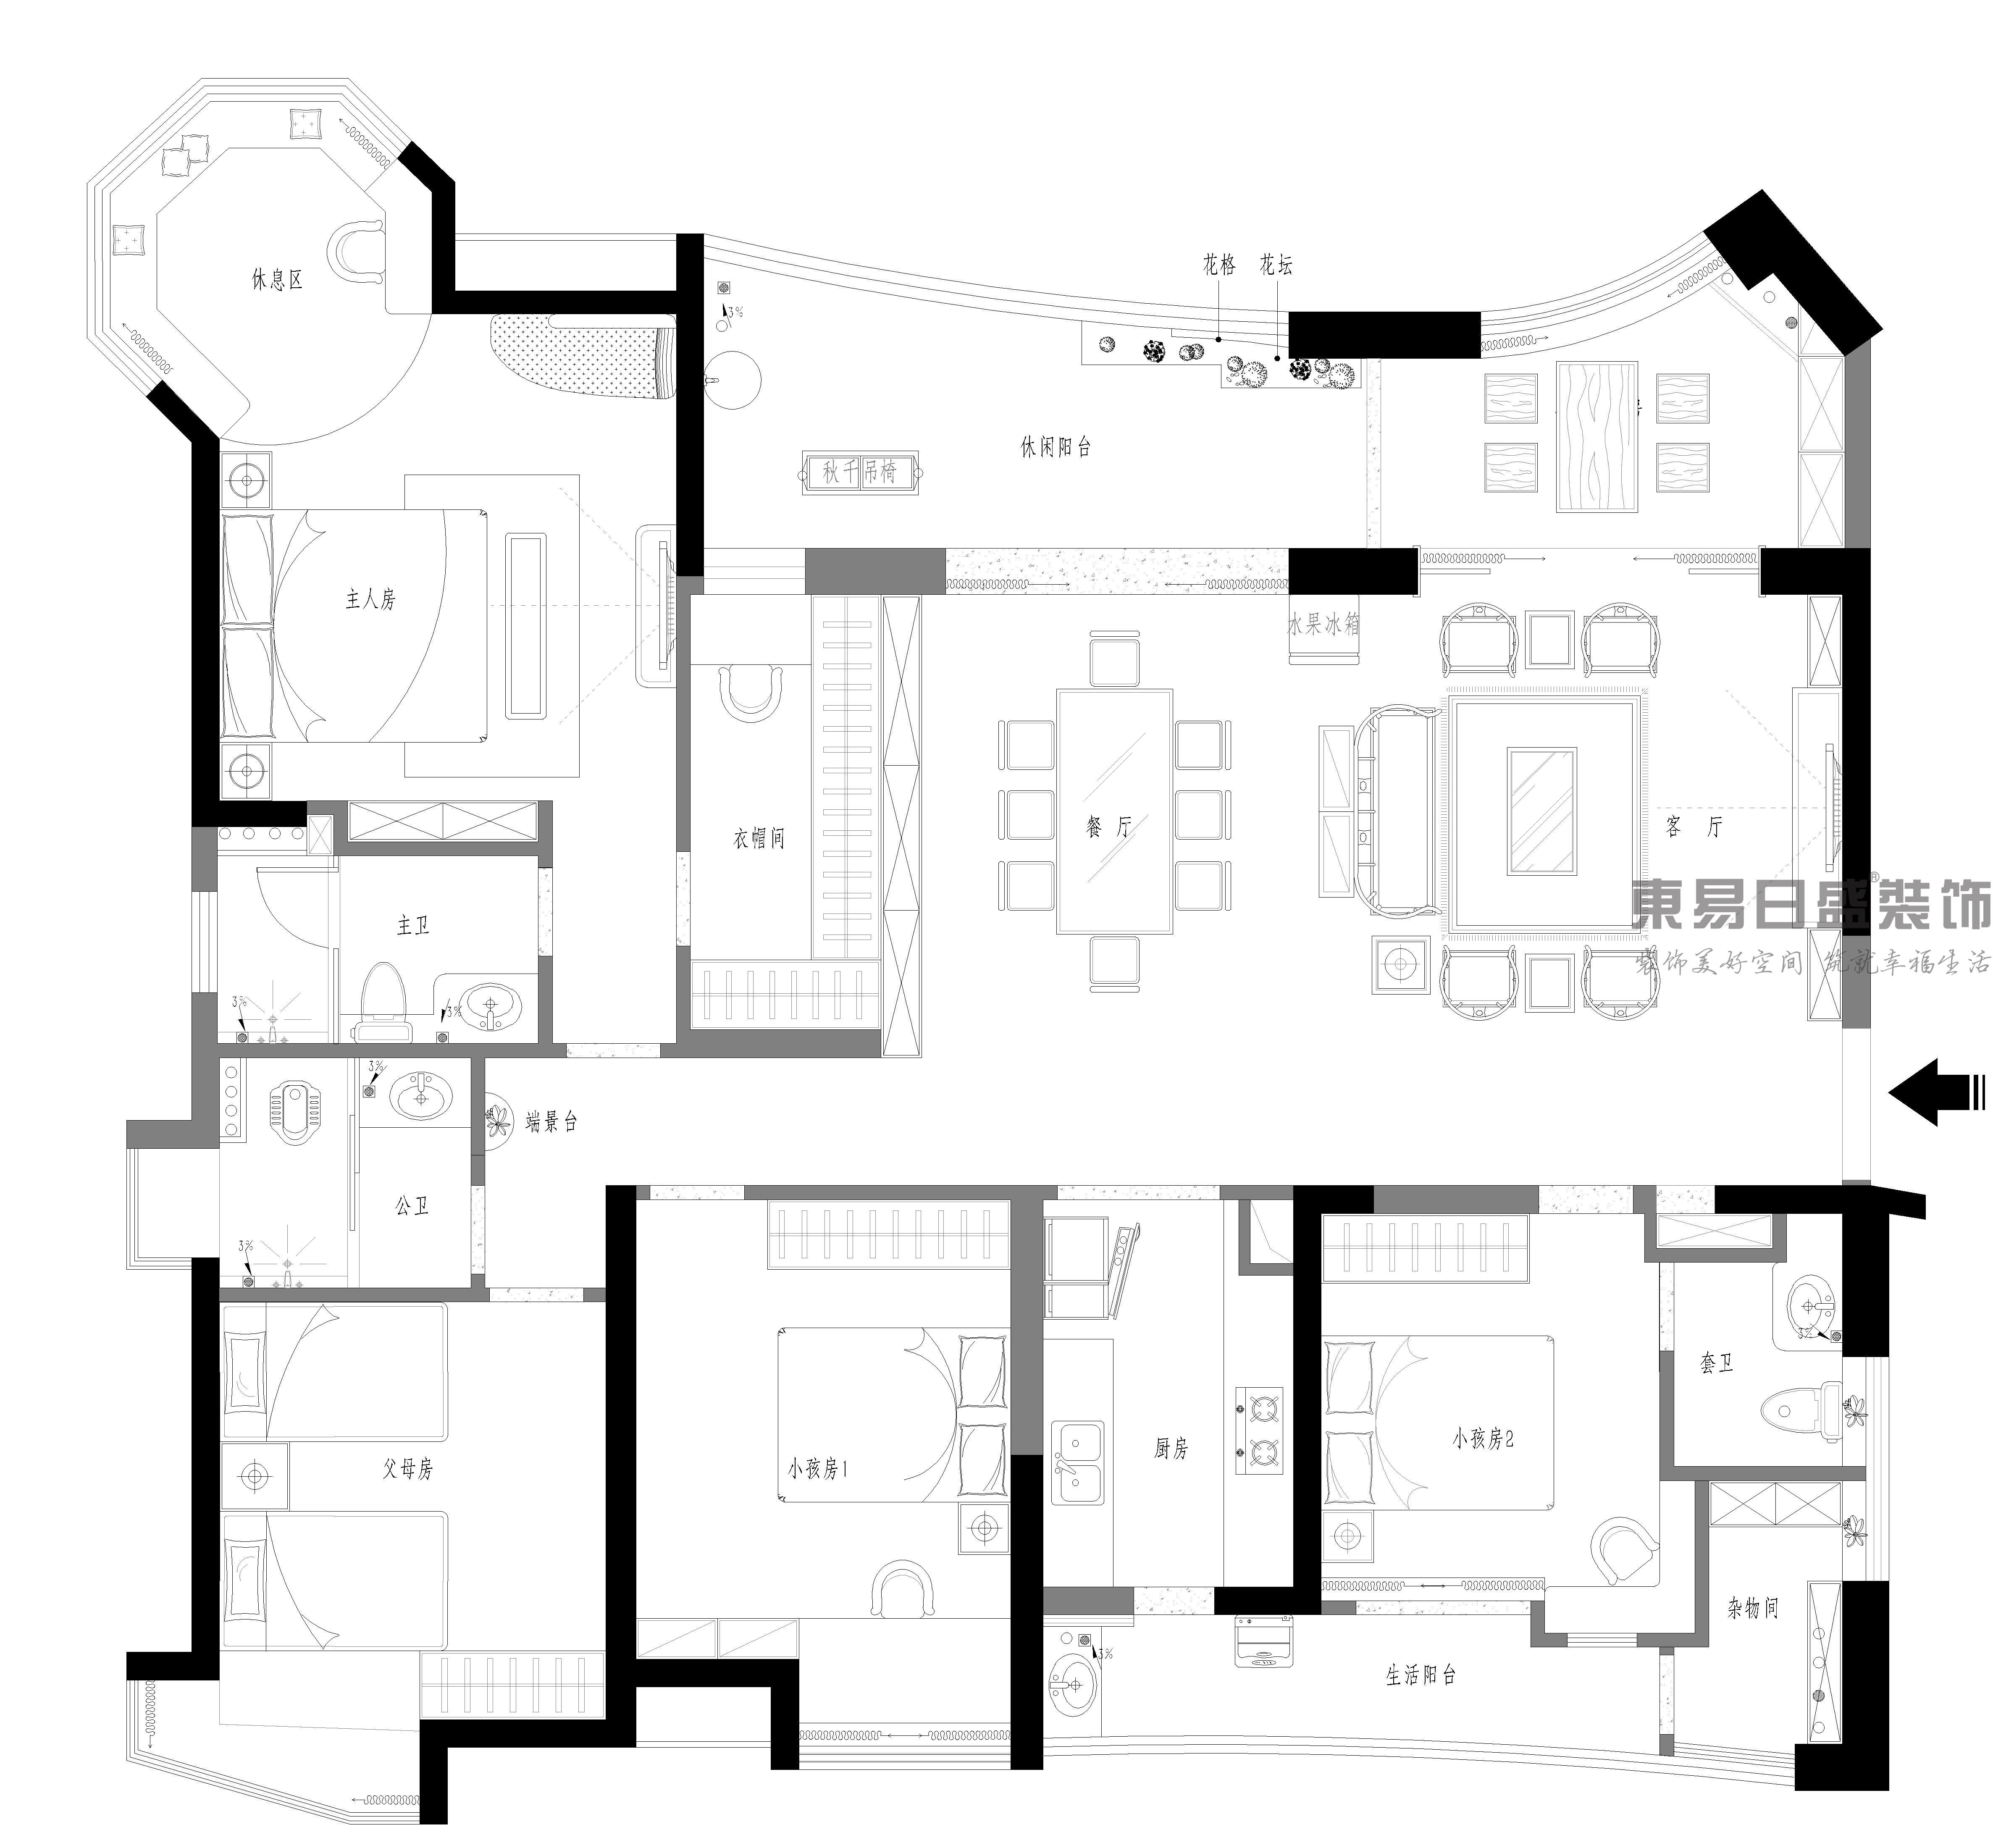 道滘君汇半岛-163㎡-新中式-四居室装修效果图装修设计理念